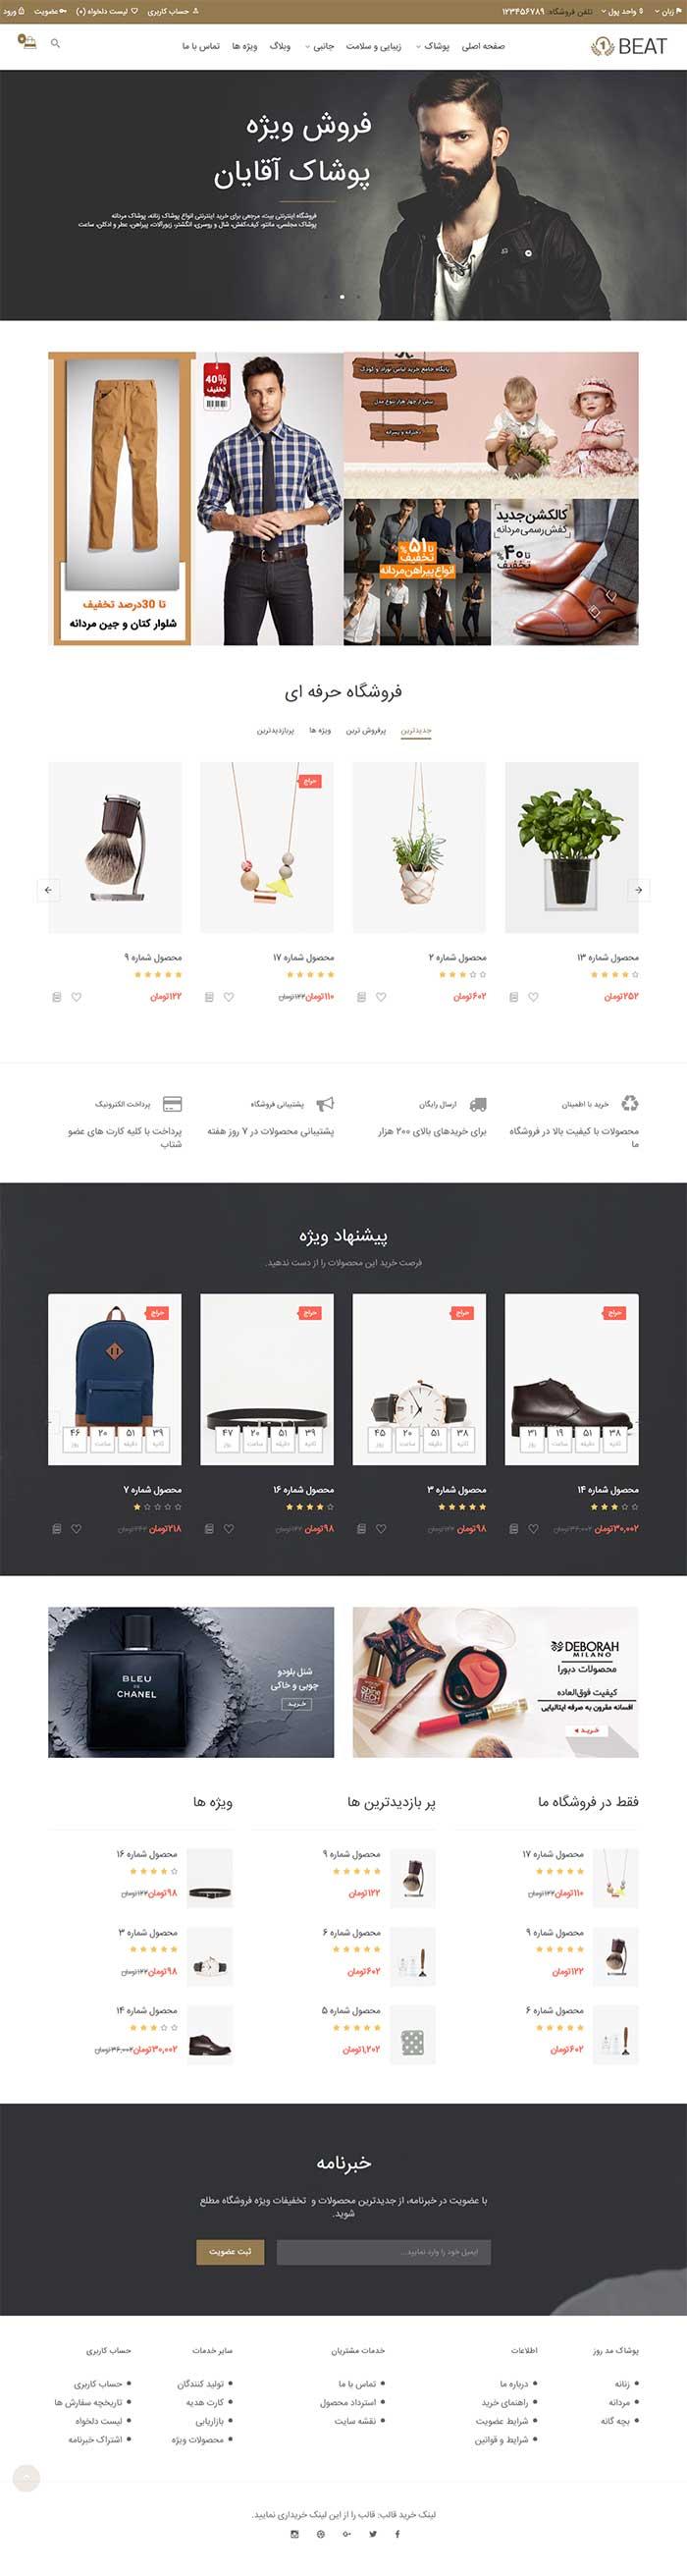 طراحی وب سایتفروشگاه اینترنتی پوشاک